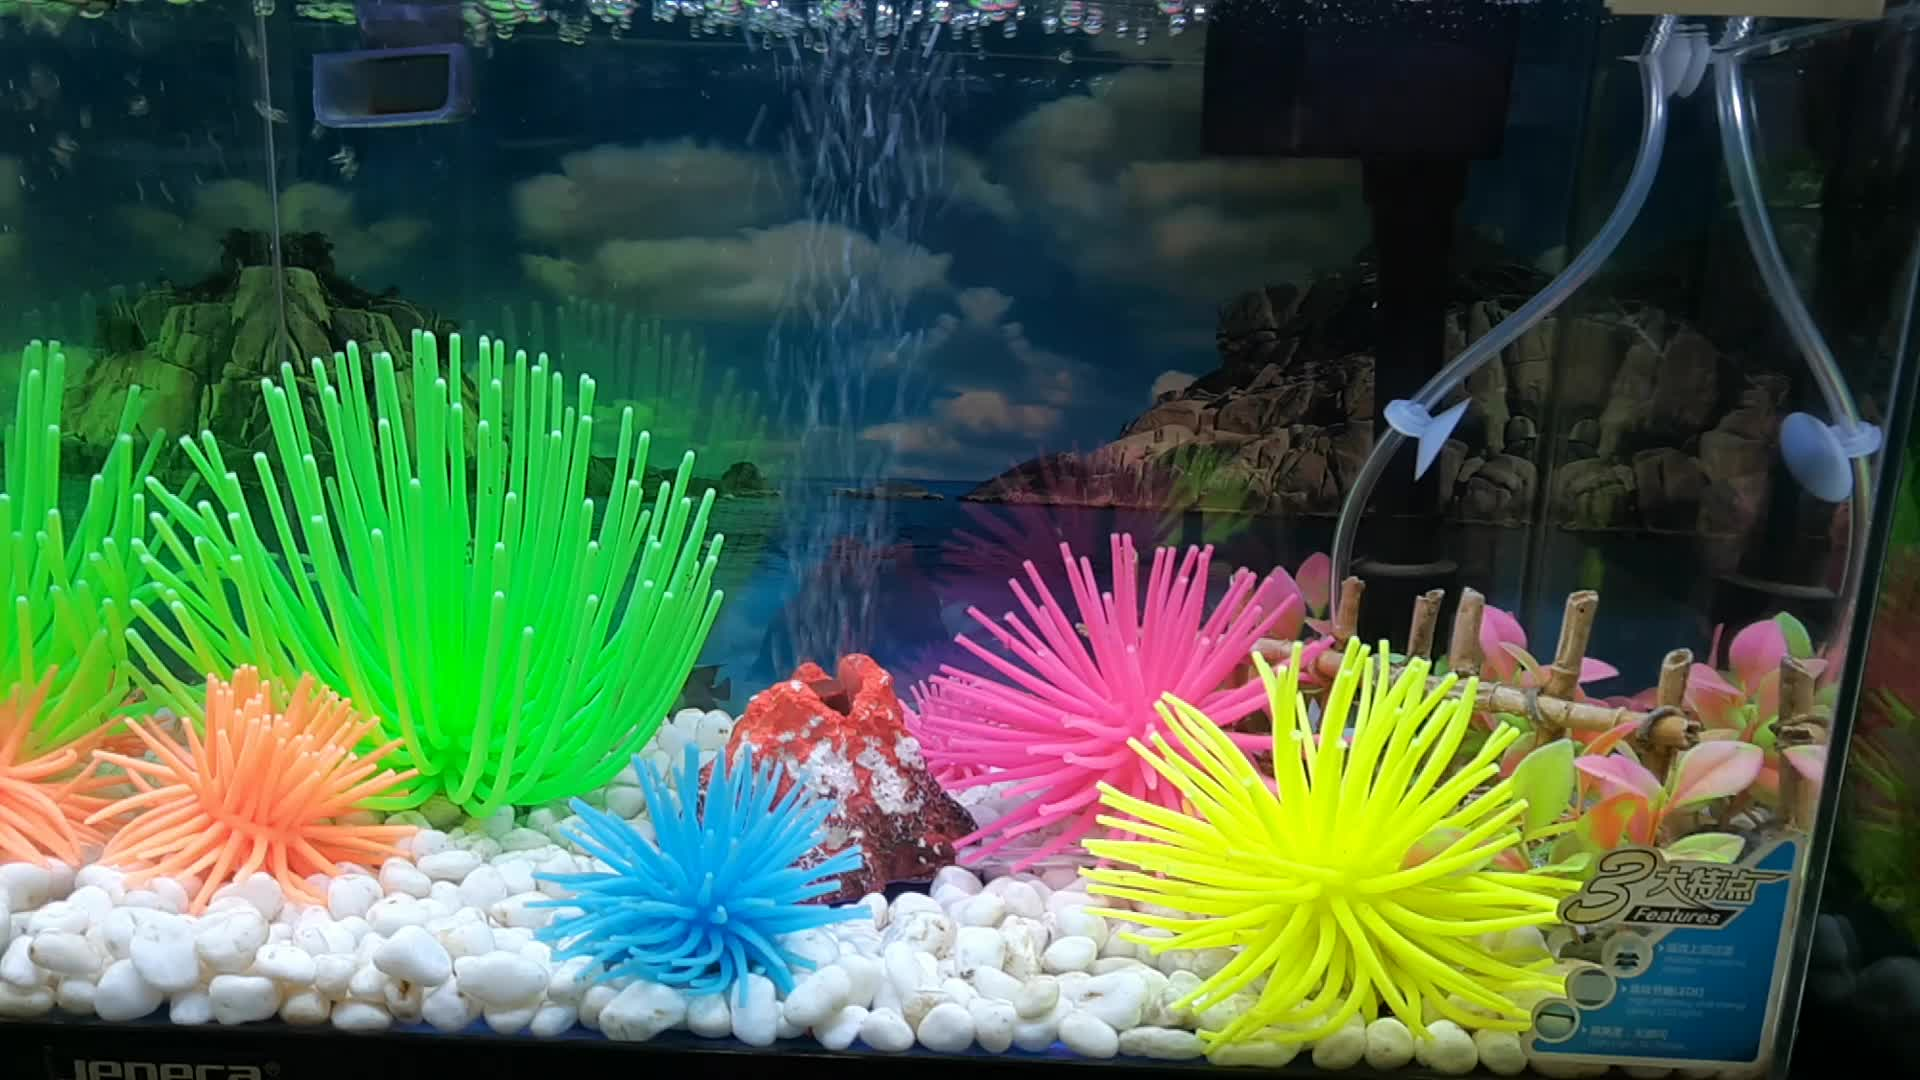 China Supplier Aquarium Ornaments Soft Artificial Coral Reef Fish